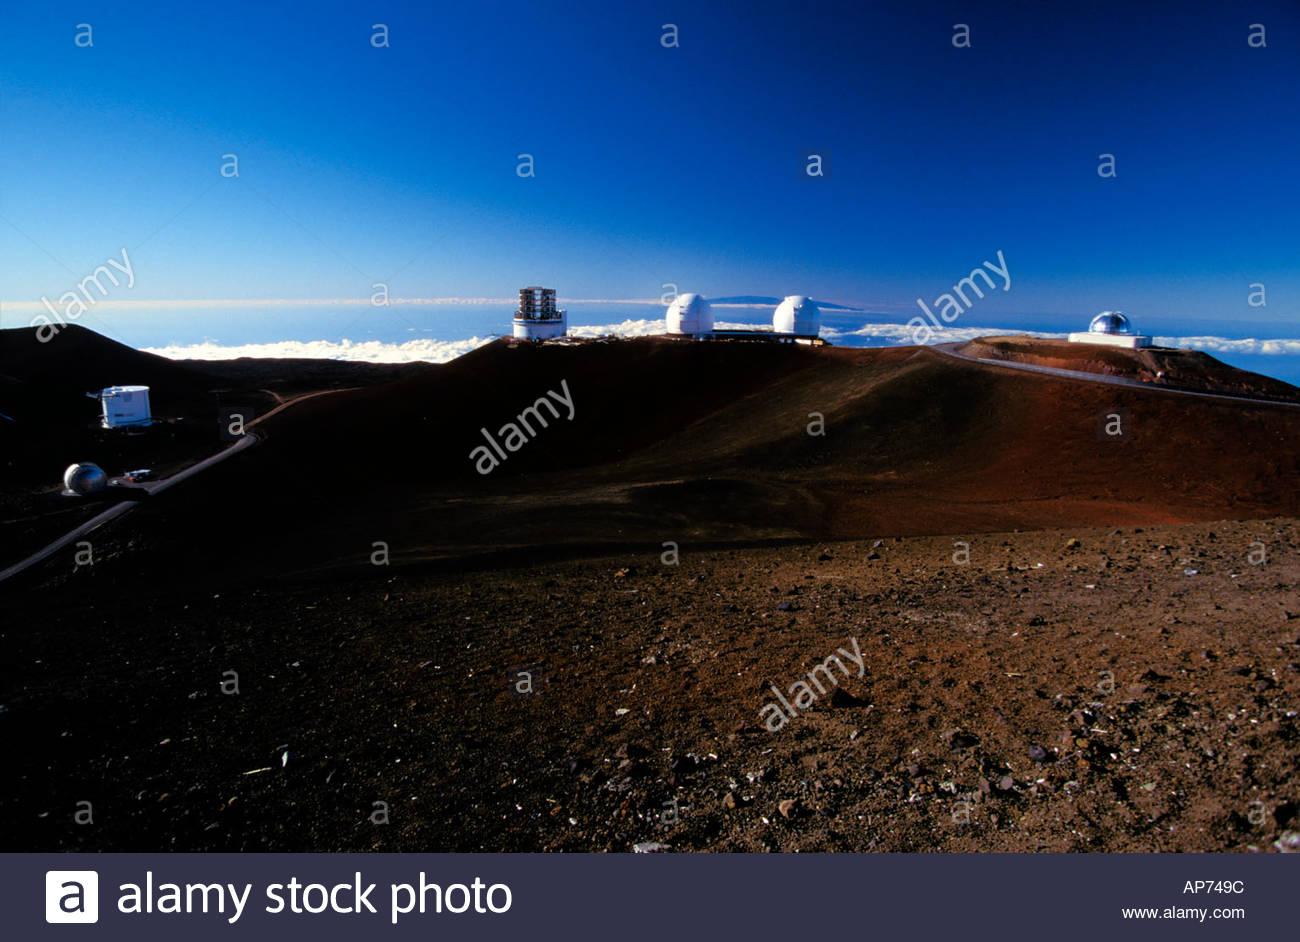 Teleskop optik: neues swarovski teleskop str zielfernrohr u was ist